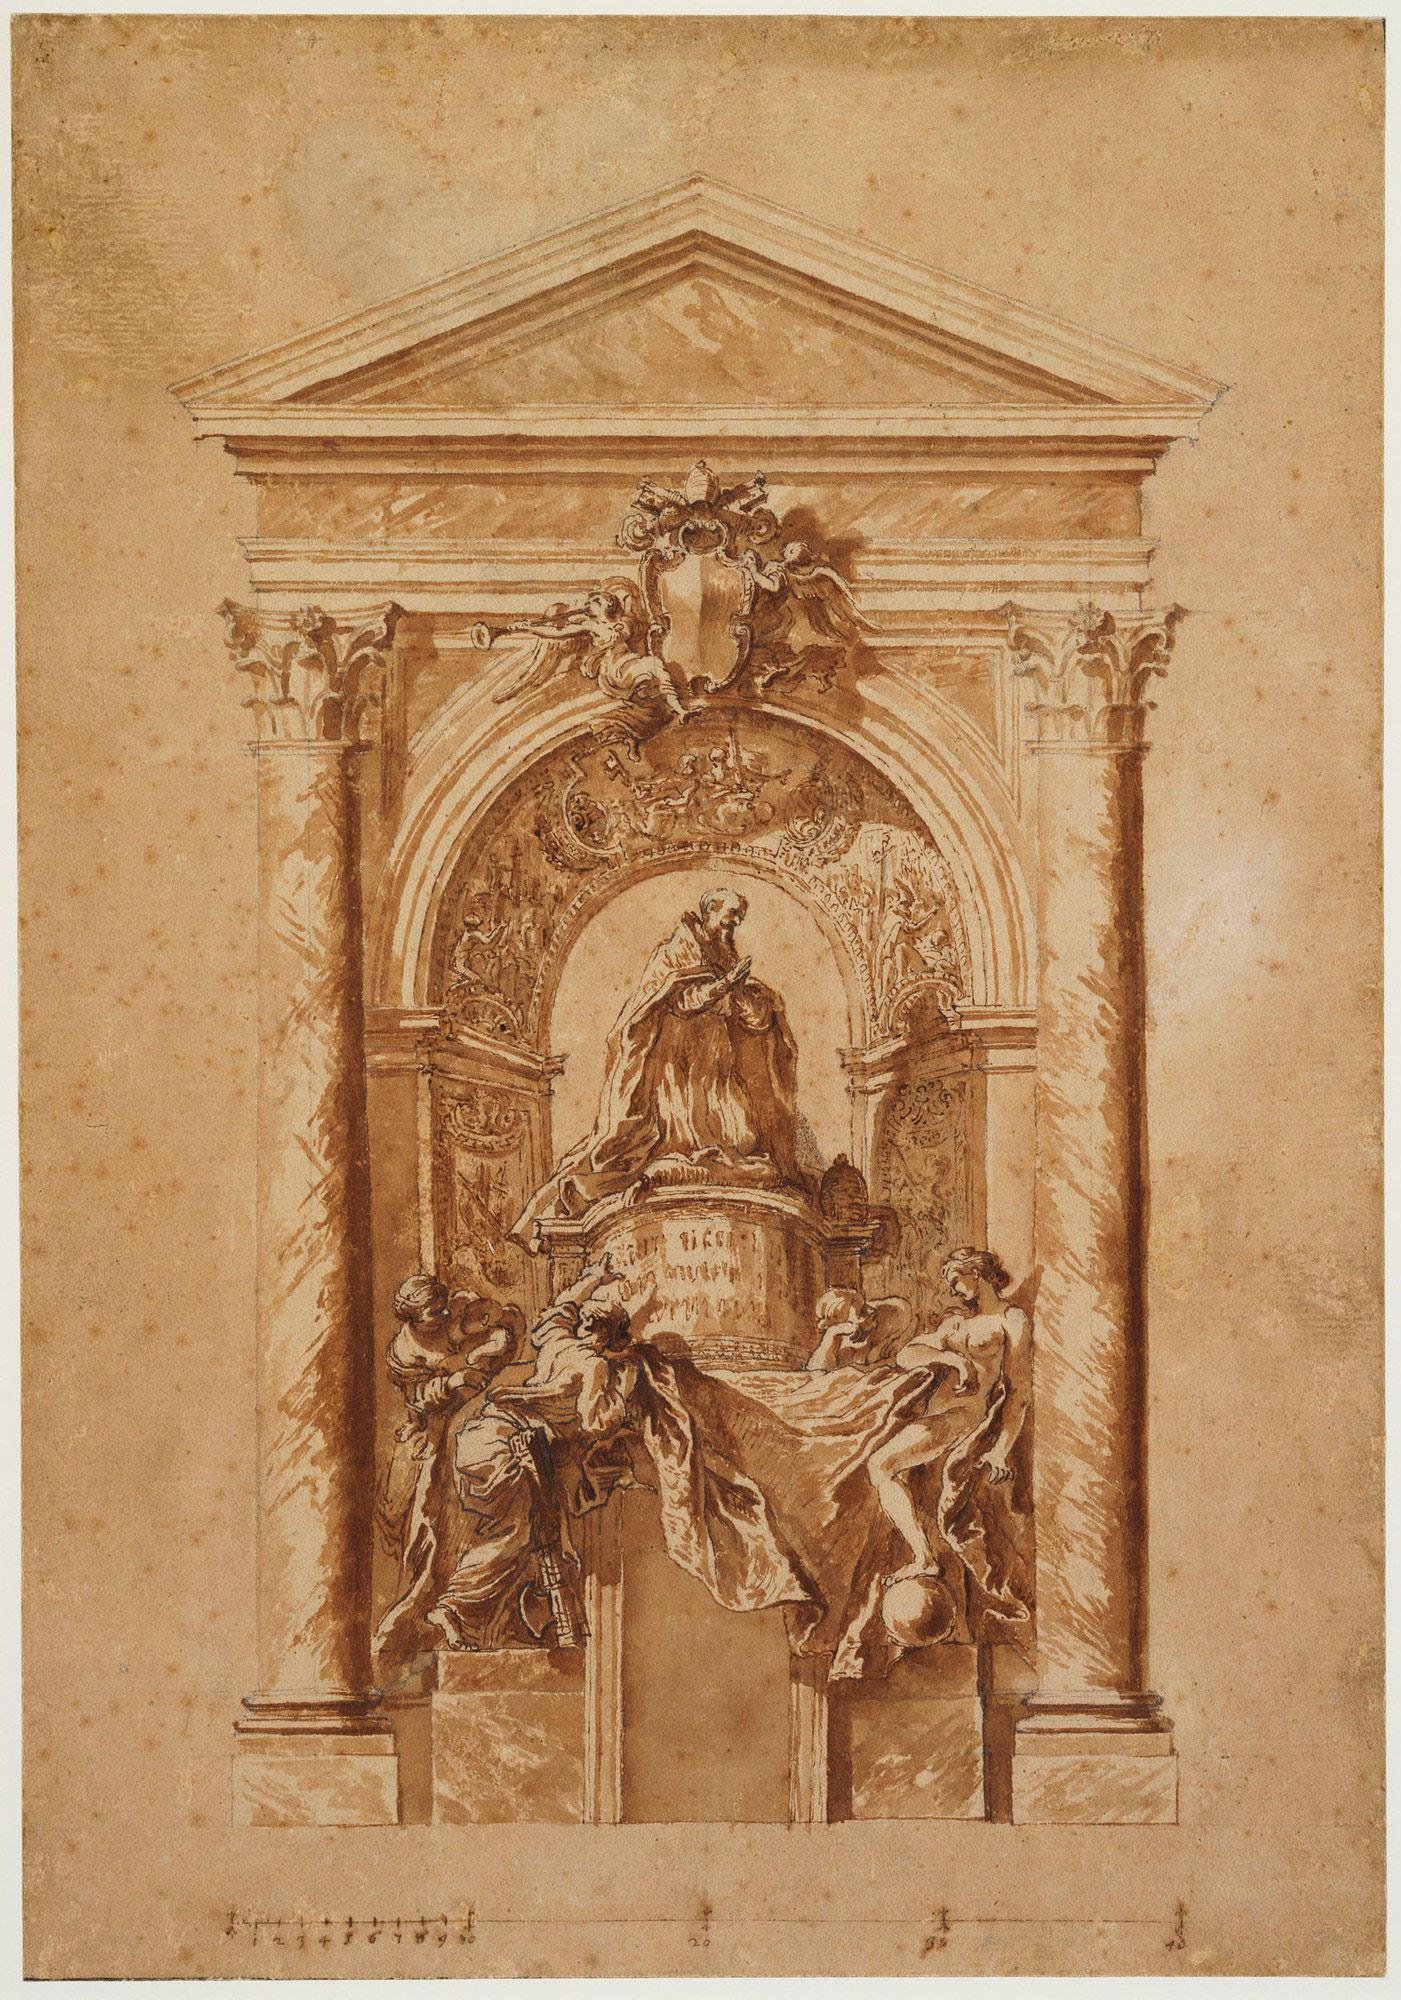 Gian Lorenzo Bernini, Studio per la Tomba di Alessandro VII (1662-1666 circa; penna, acquerello e gessetto su carta, 440 x 307 mm; Windsor, Royal Collection)